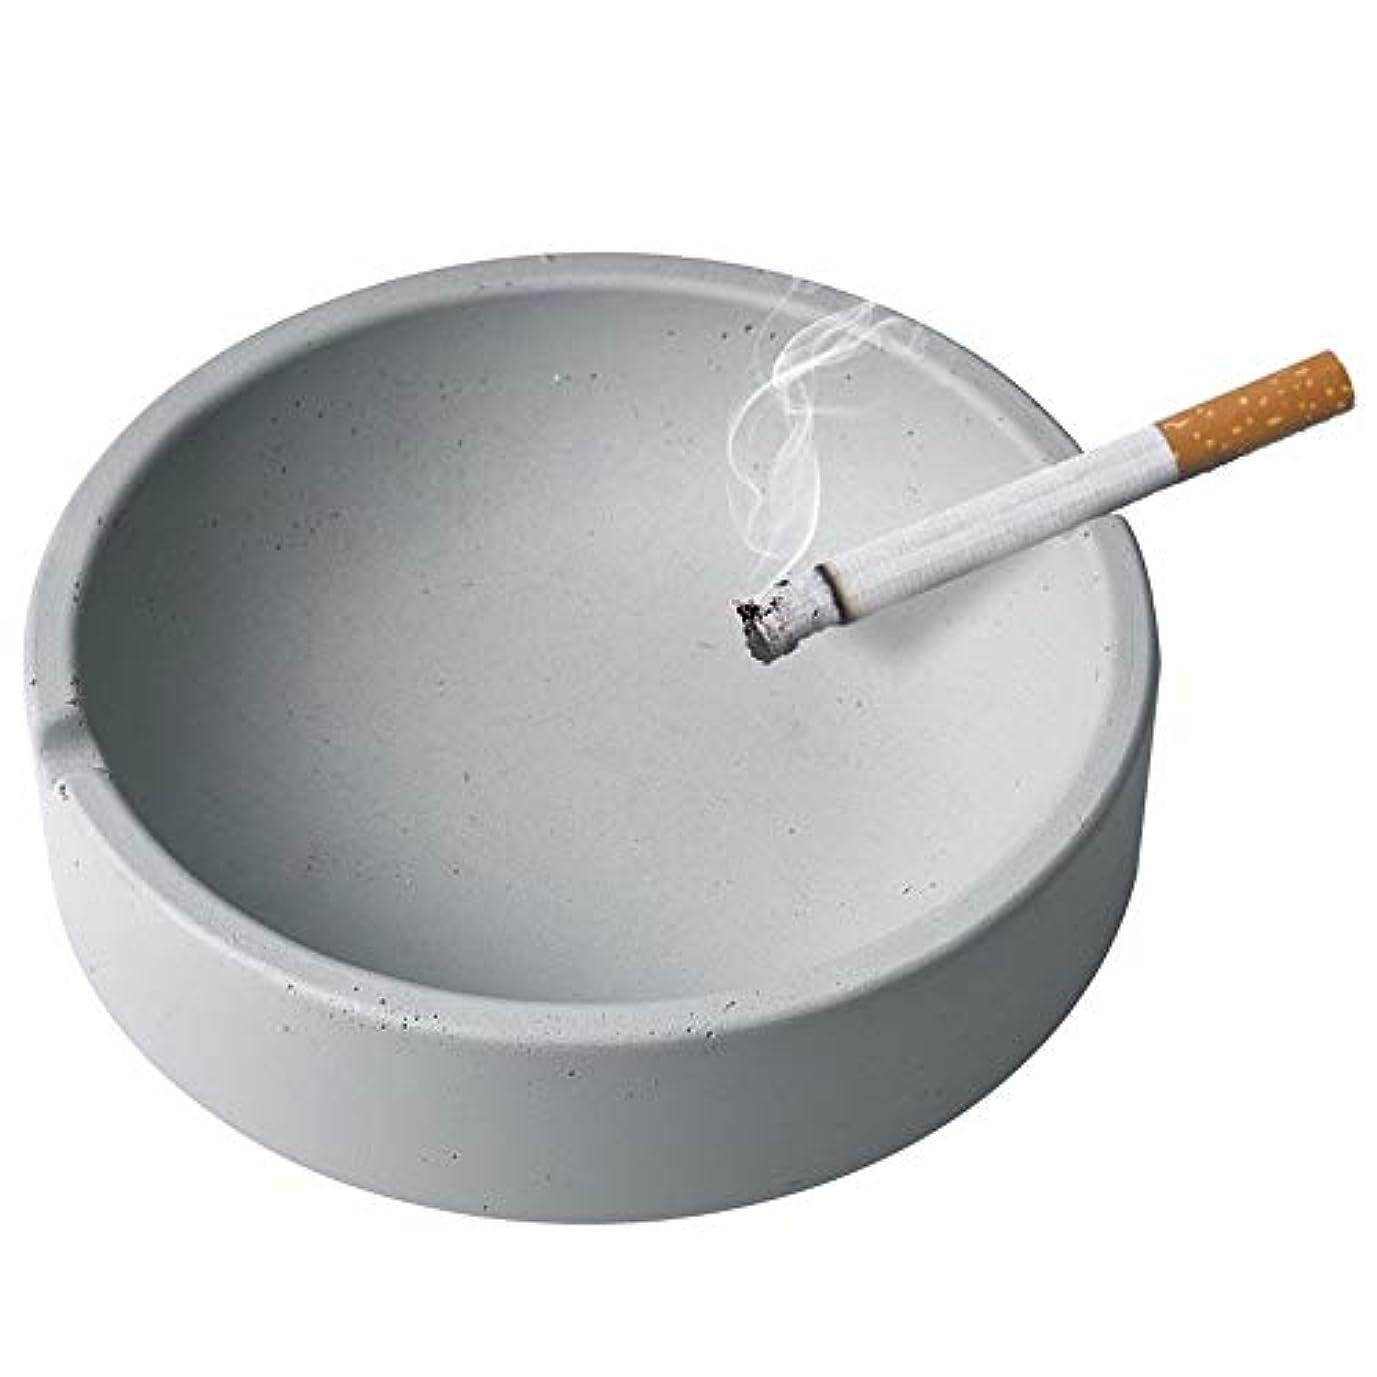 悪用ディスパッチ適格家庭用産業風コンクリート灰皿、パーソナライズ屋外灰皿、多人数使用シーンリビングルームオフィスレストラン灰皿装飾 (Size : L)